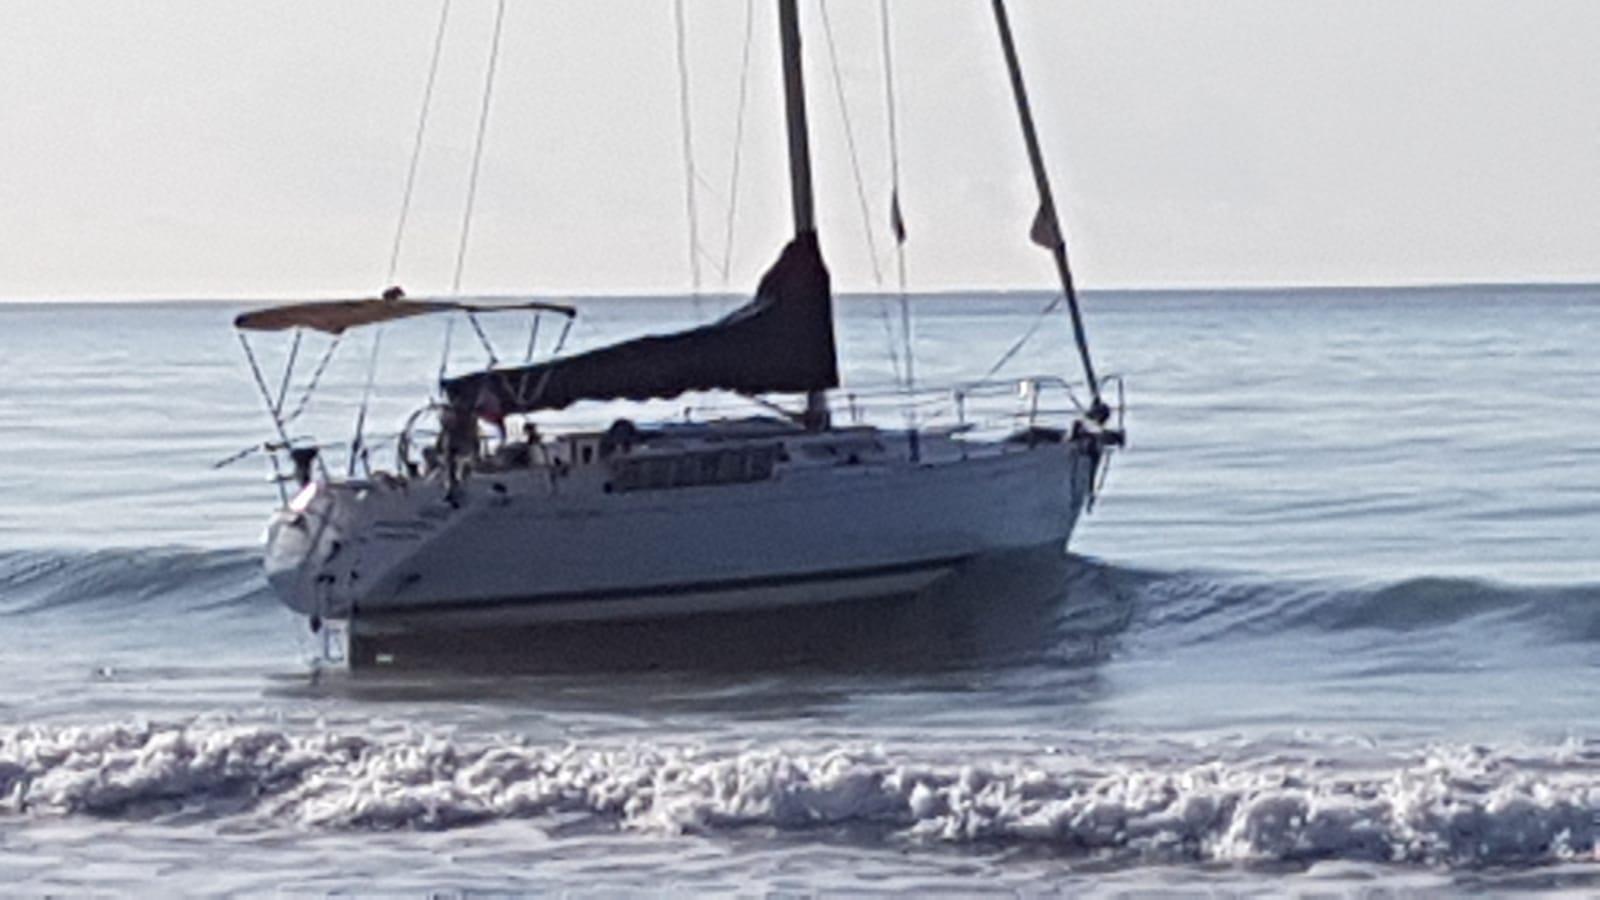 Scafisti scaricano in Calabria 52 migranti poi in fuga via mare. Indagini